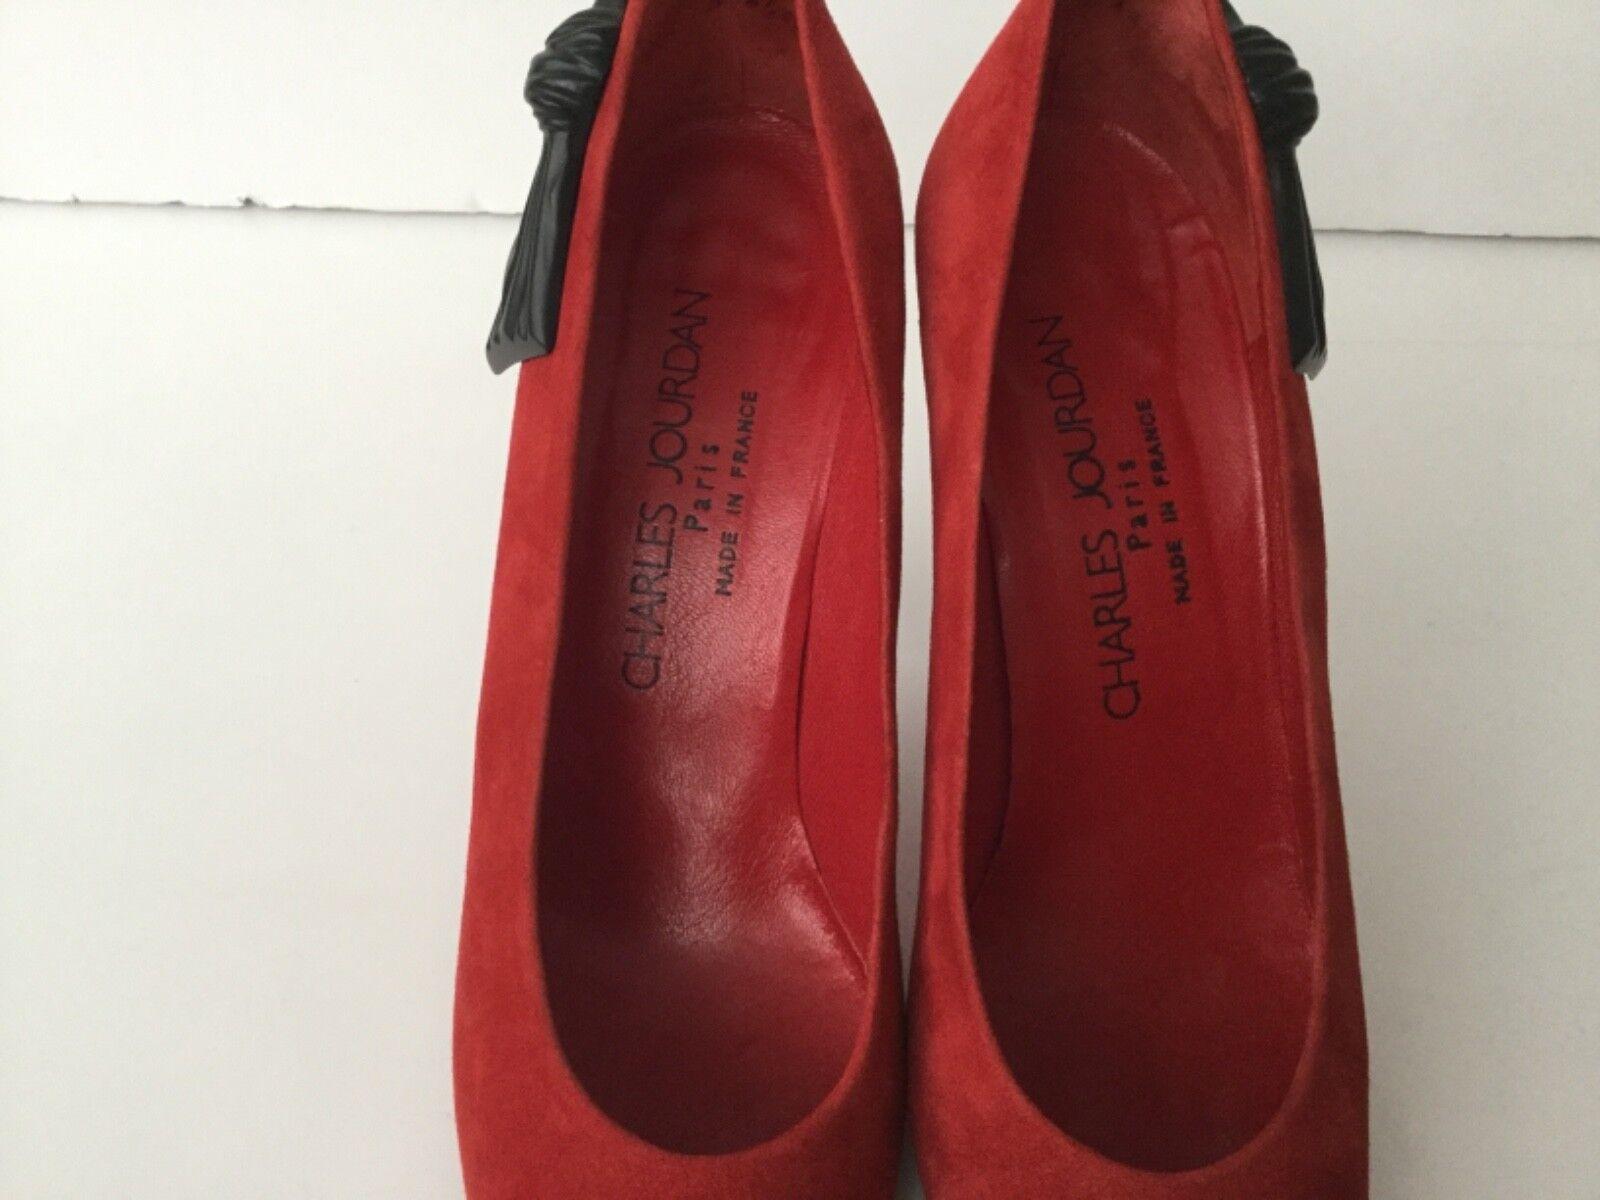 Charles Jourdan Rojo Suede Negro Talón Arco Tacón Alto Alto Tacón Tribunal Zapatos Talla 8 de EE. UU. y Caja 6a8411